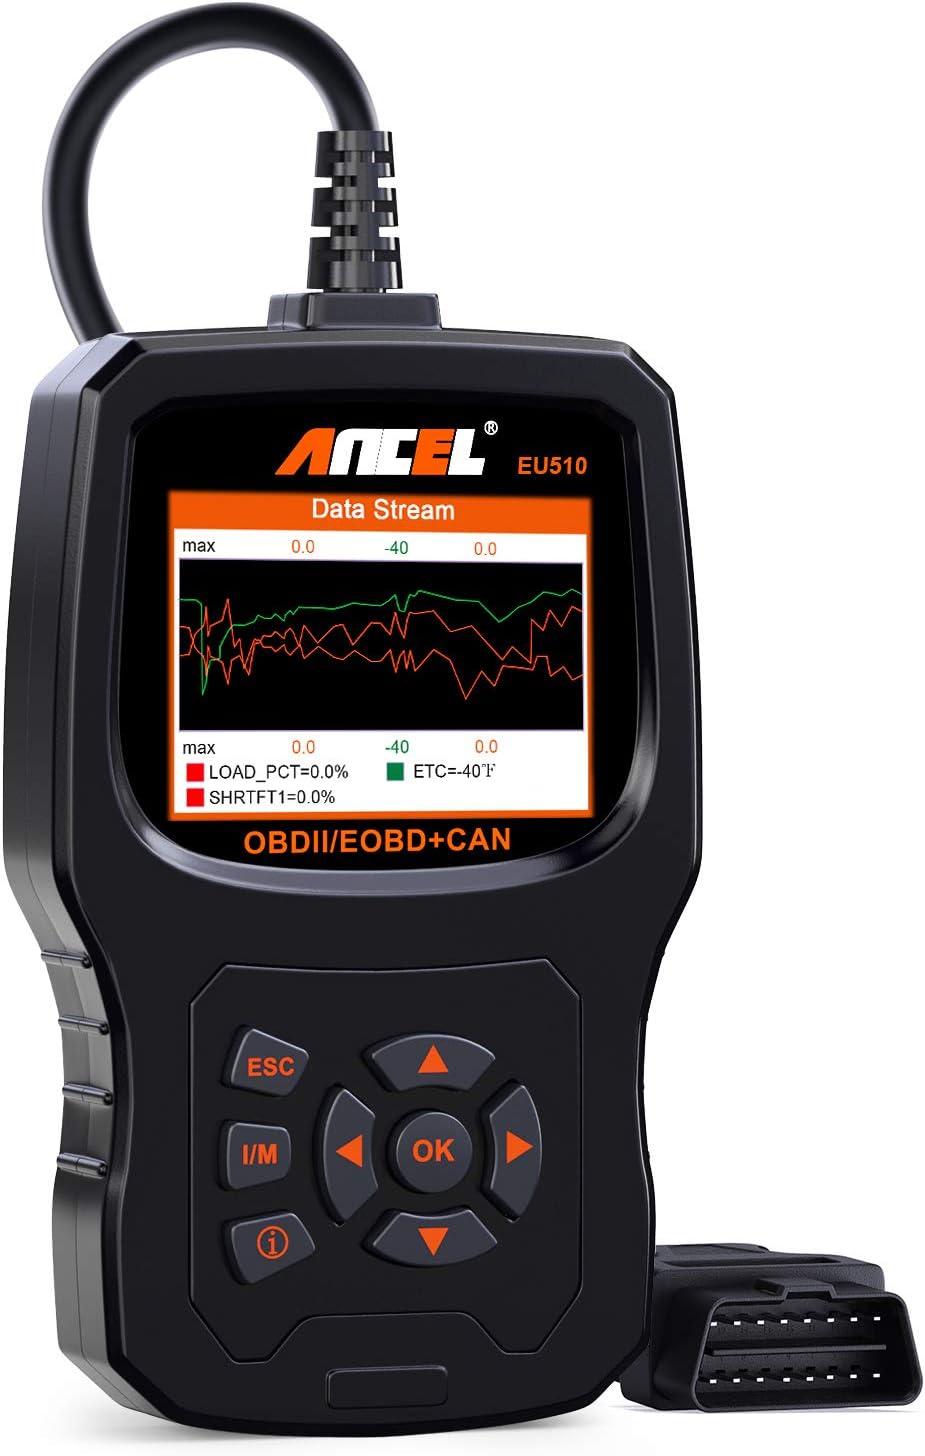 ANCEL EU510 Lector de Códigos OBDII Herramienta de Error de Motor Diagnóstico Escáner Automático OBD2 Coche predeterminado con prueba de batería para vehículos diésel y gasolina con manual en español